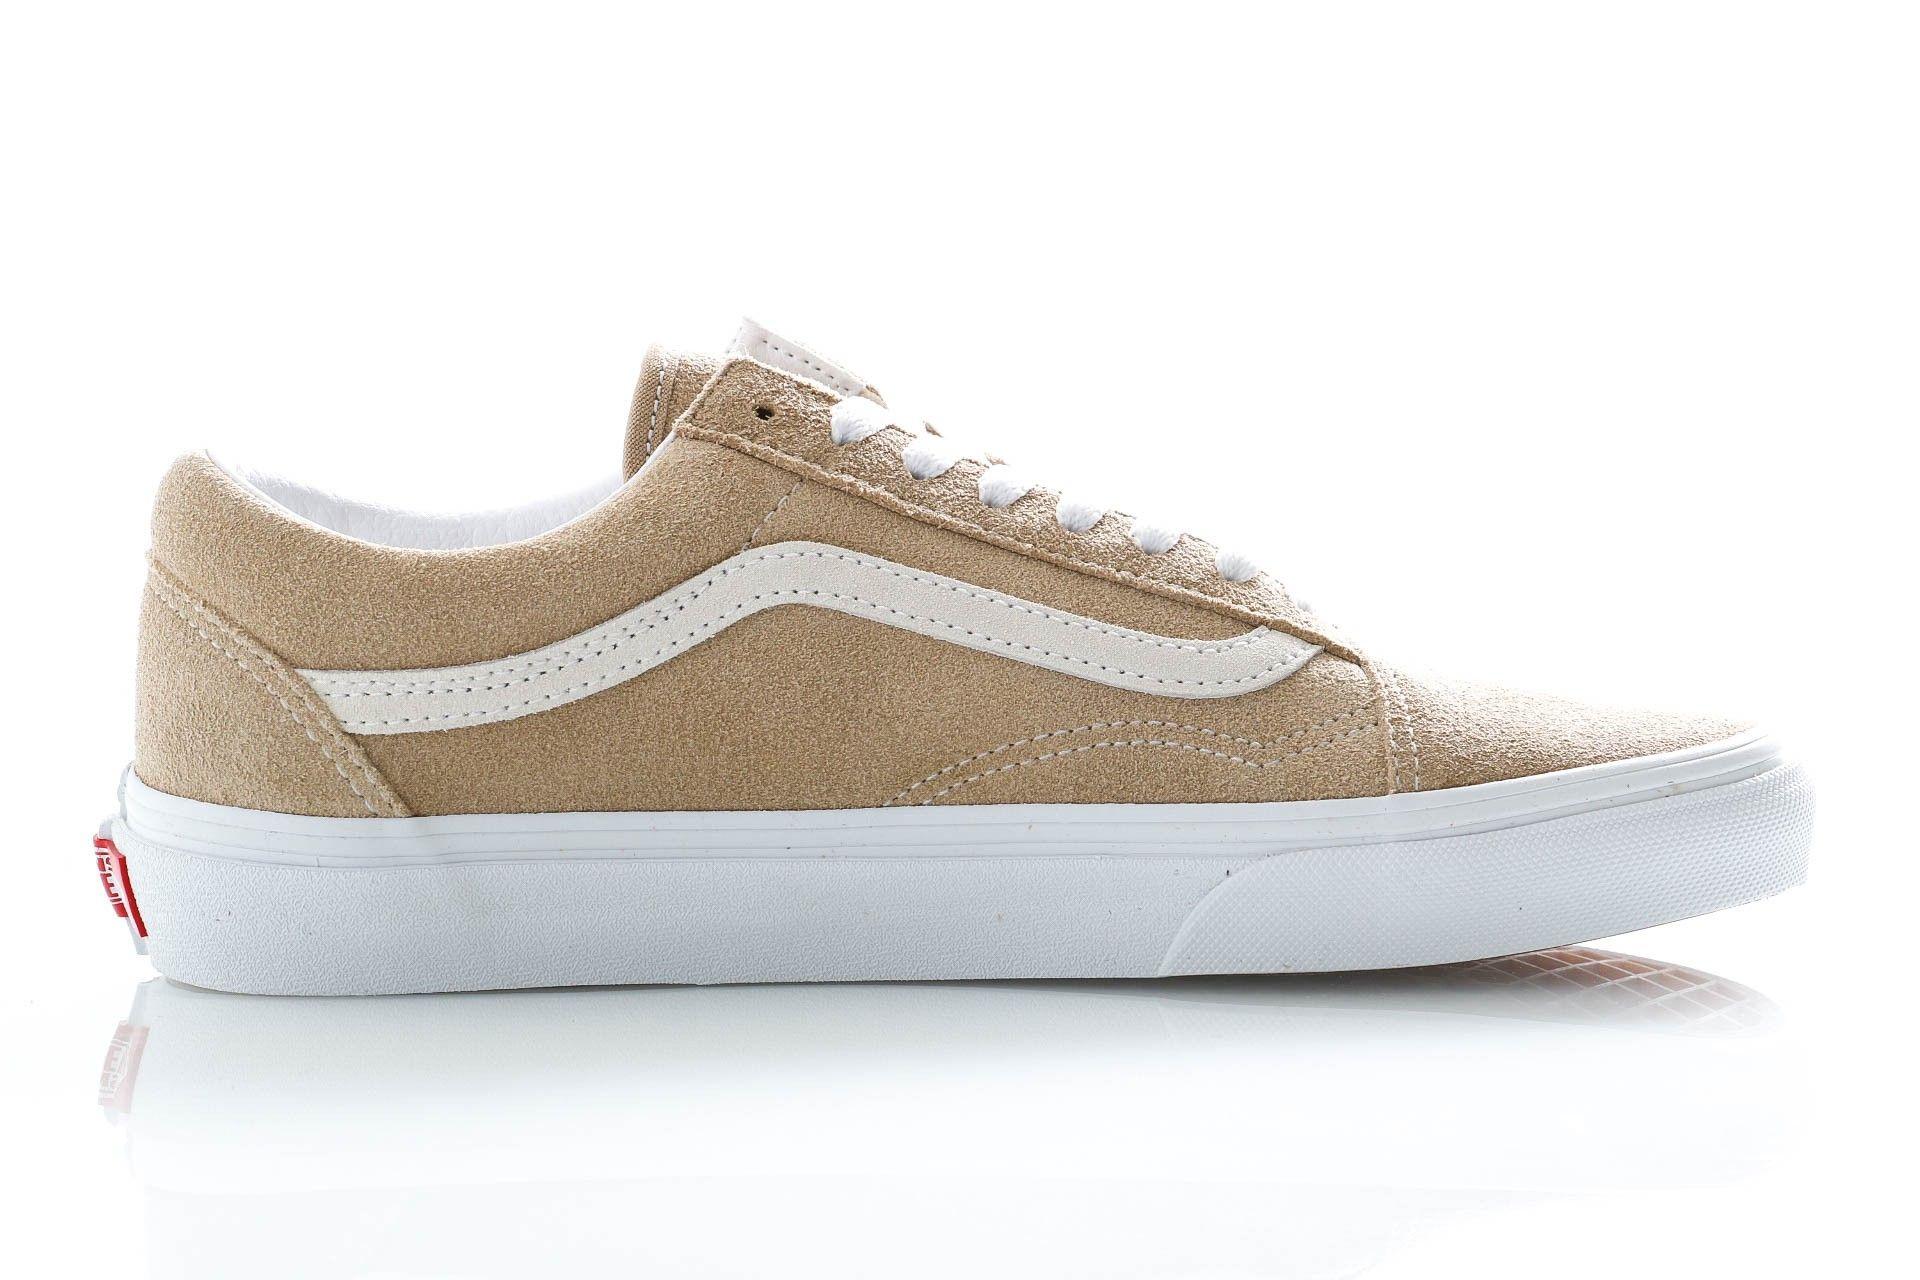 Afbeelding van Vans Sneakers Ua Old Skool (Suede) Candied Ginger VN0A4U3BXF81